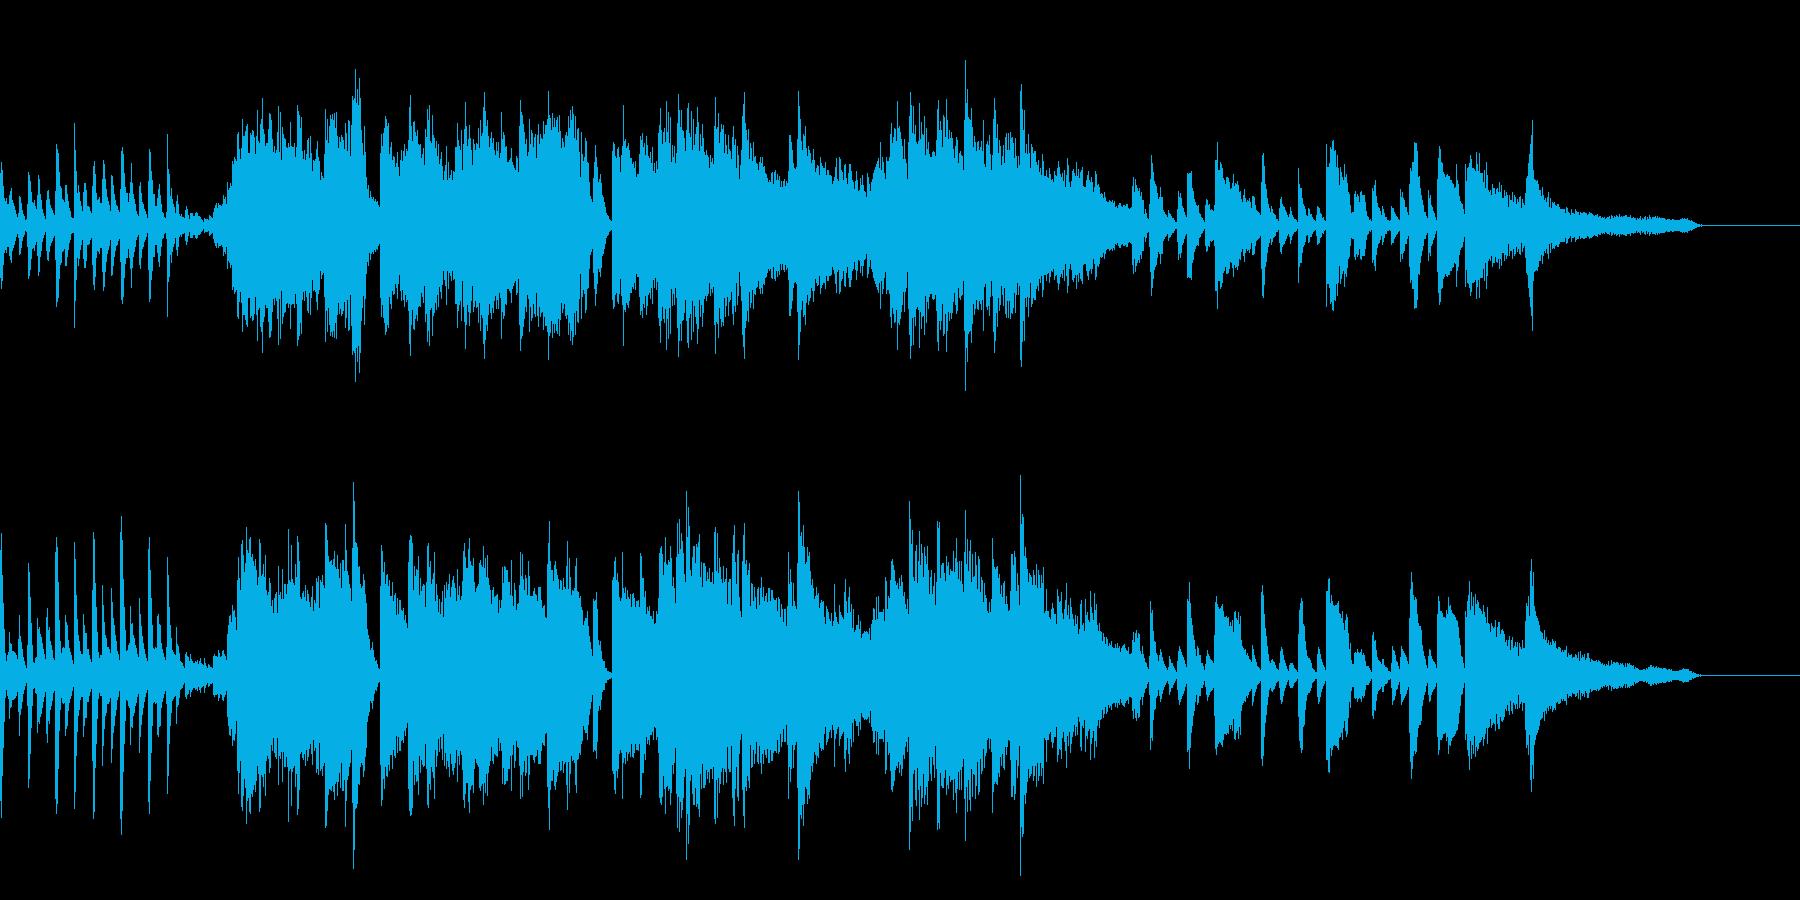 スタイリッシュ!躍動感のあるピアノソロの再生済みの波形